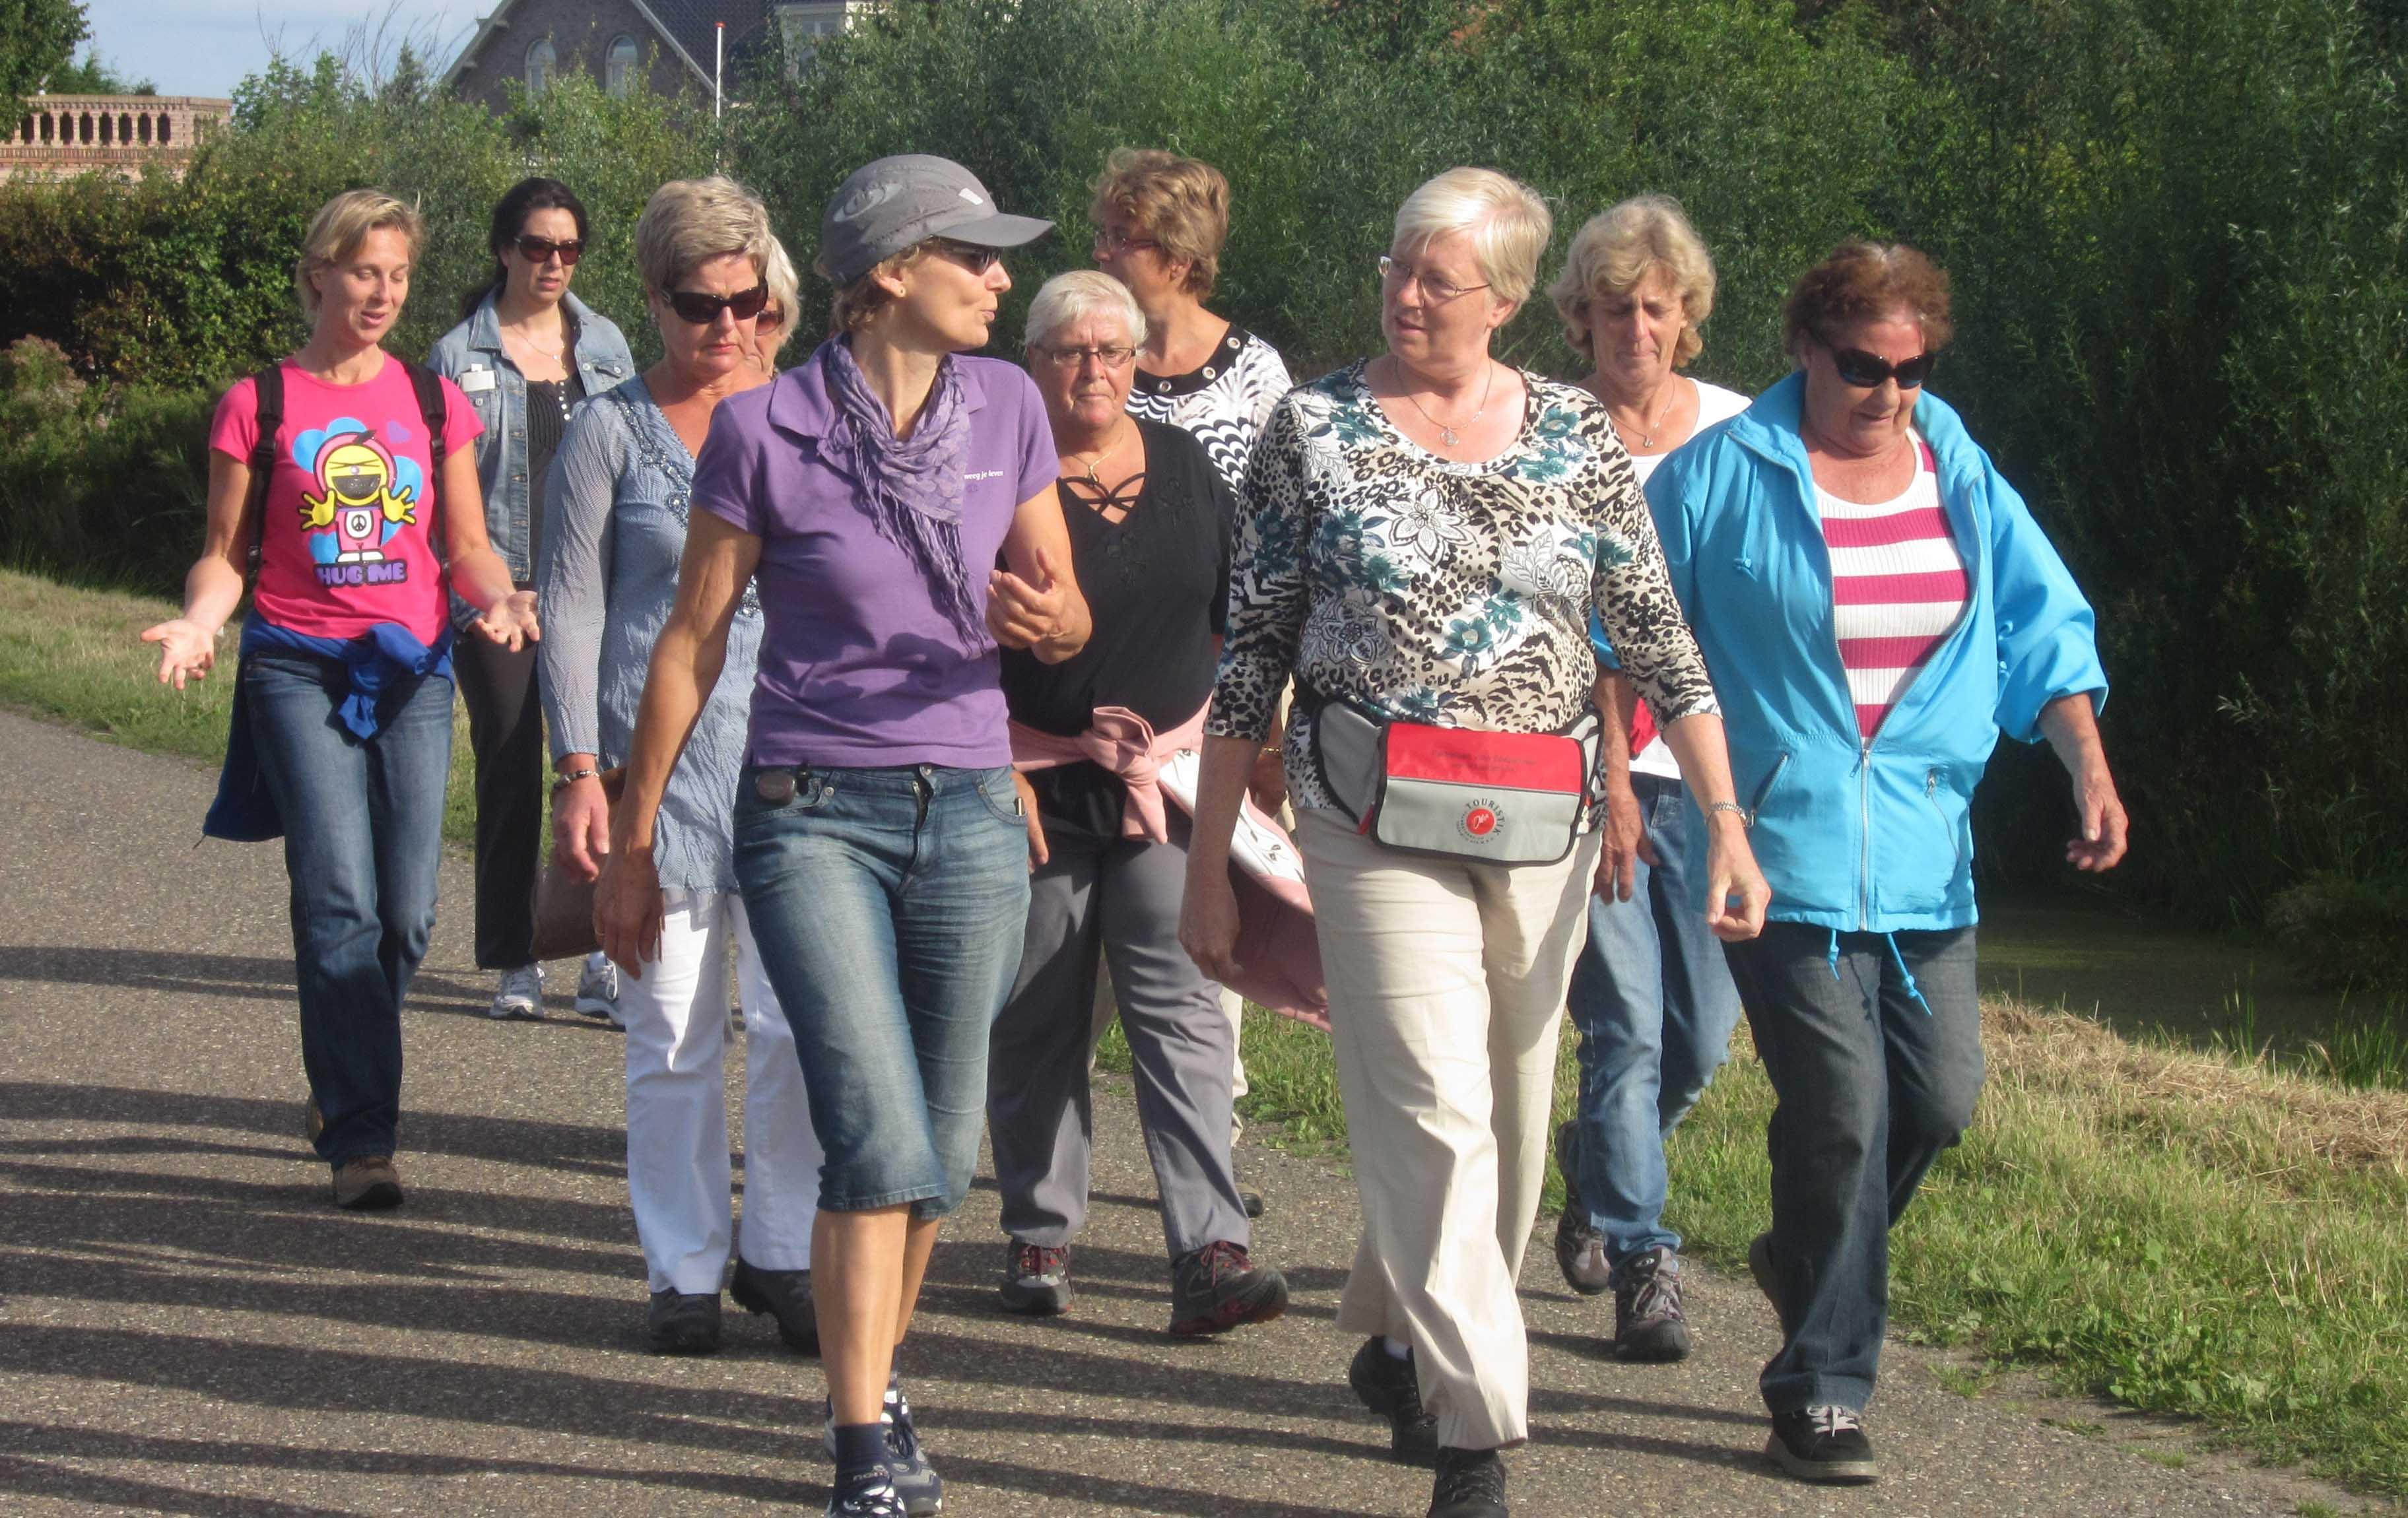 Gewichtsconsulent Leiden Marjoleine Klapwijk wandelt met haar clienten